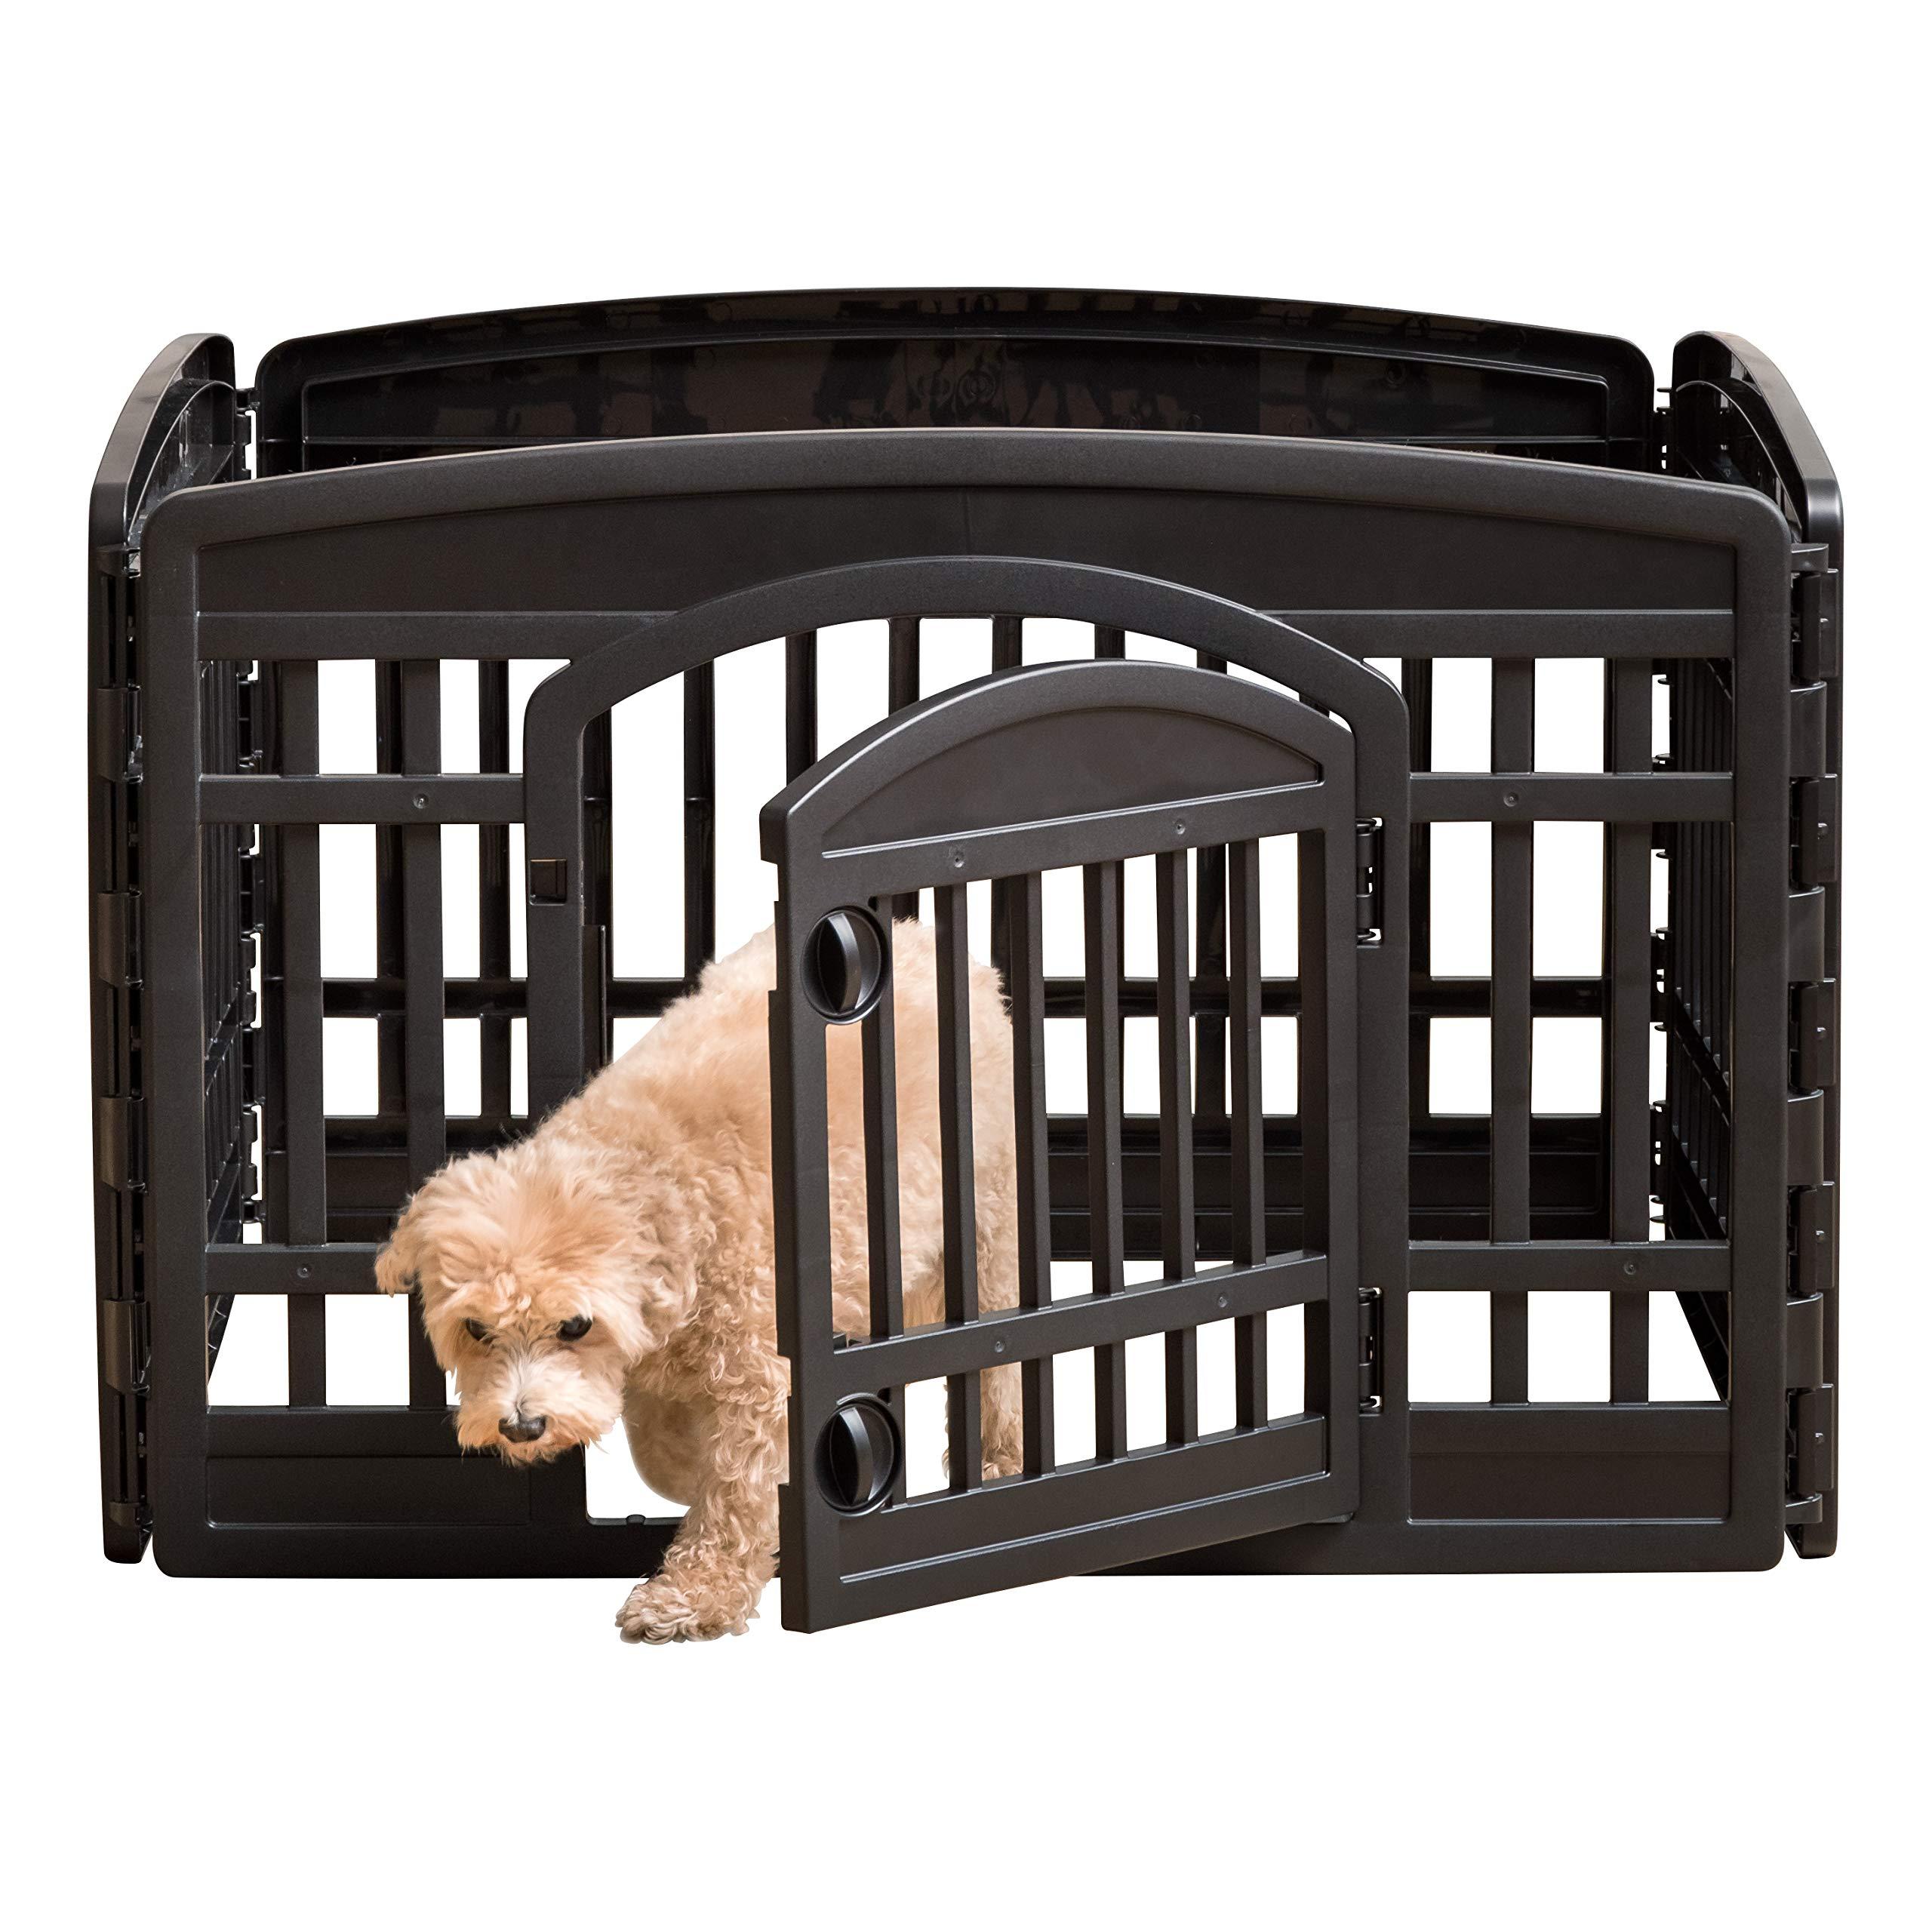 IRIS 24'' 4 Panel Exercise Pet Playpen with Door, Black